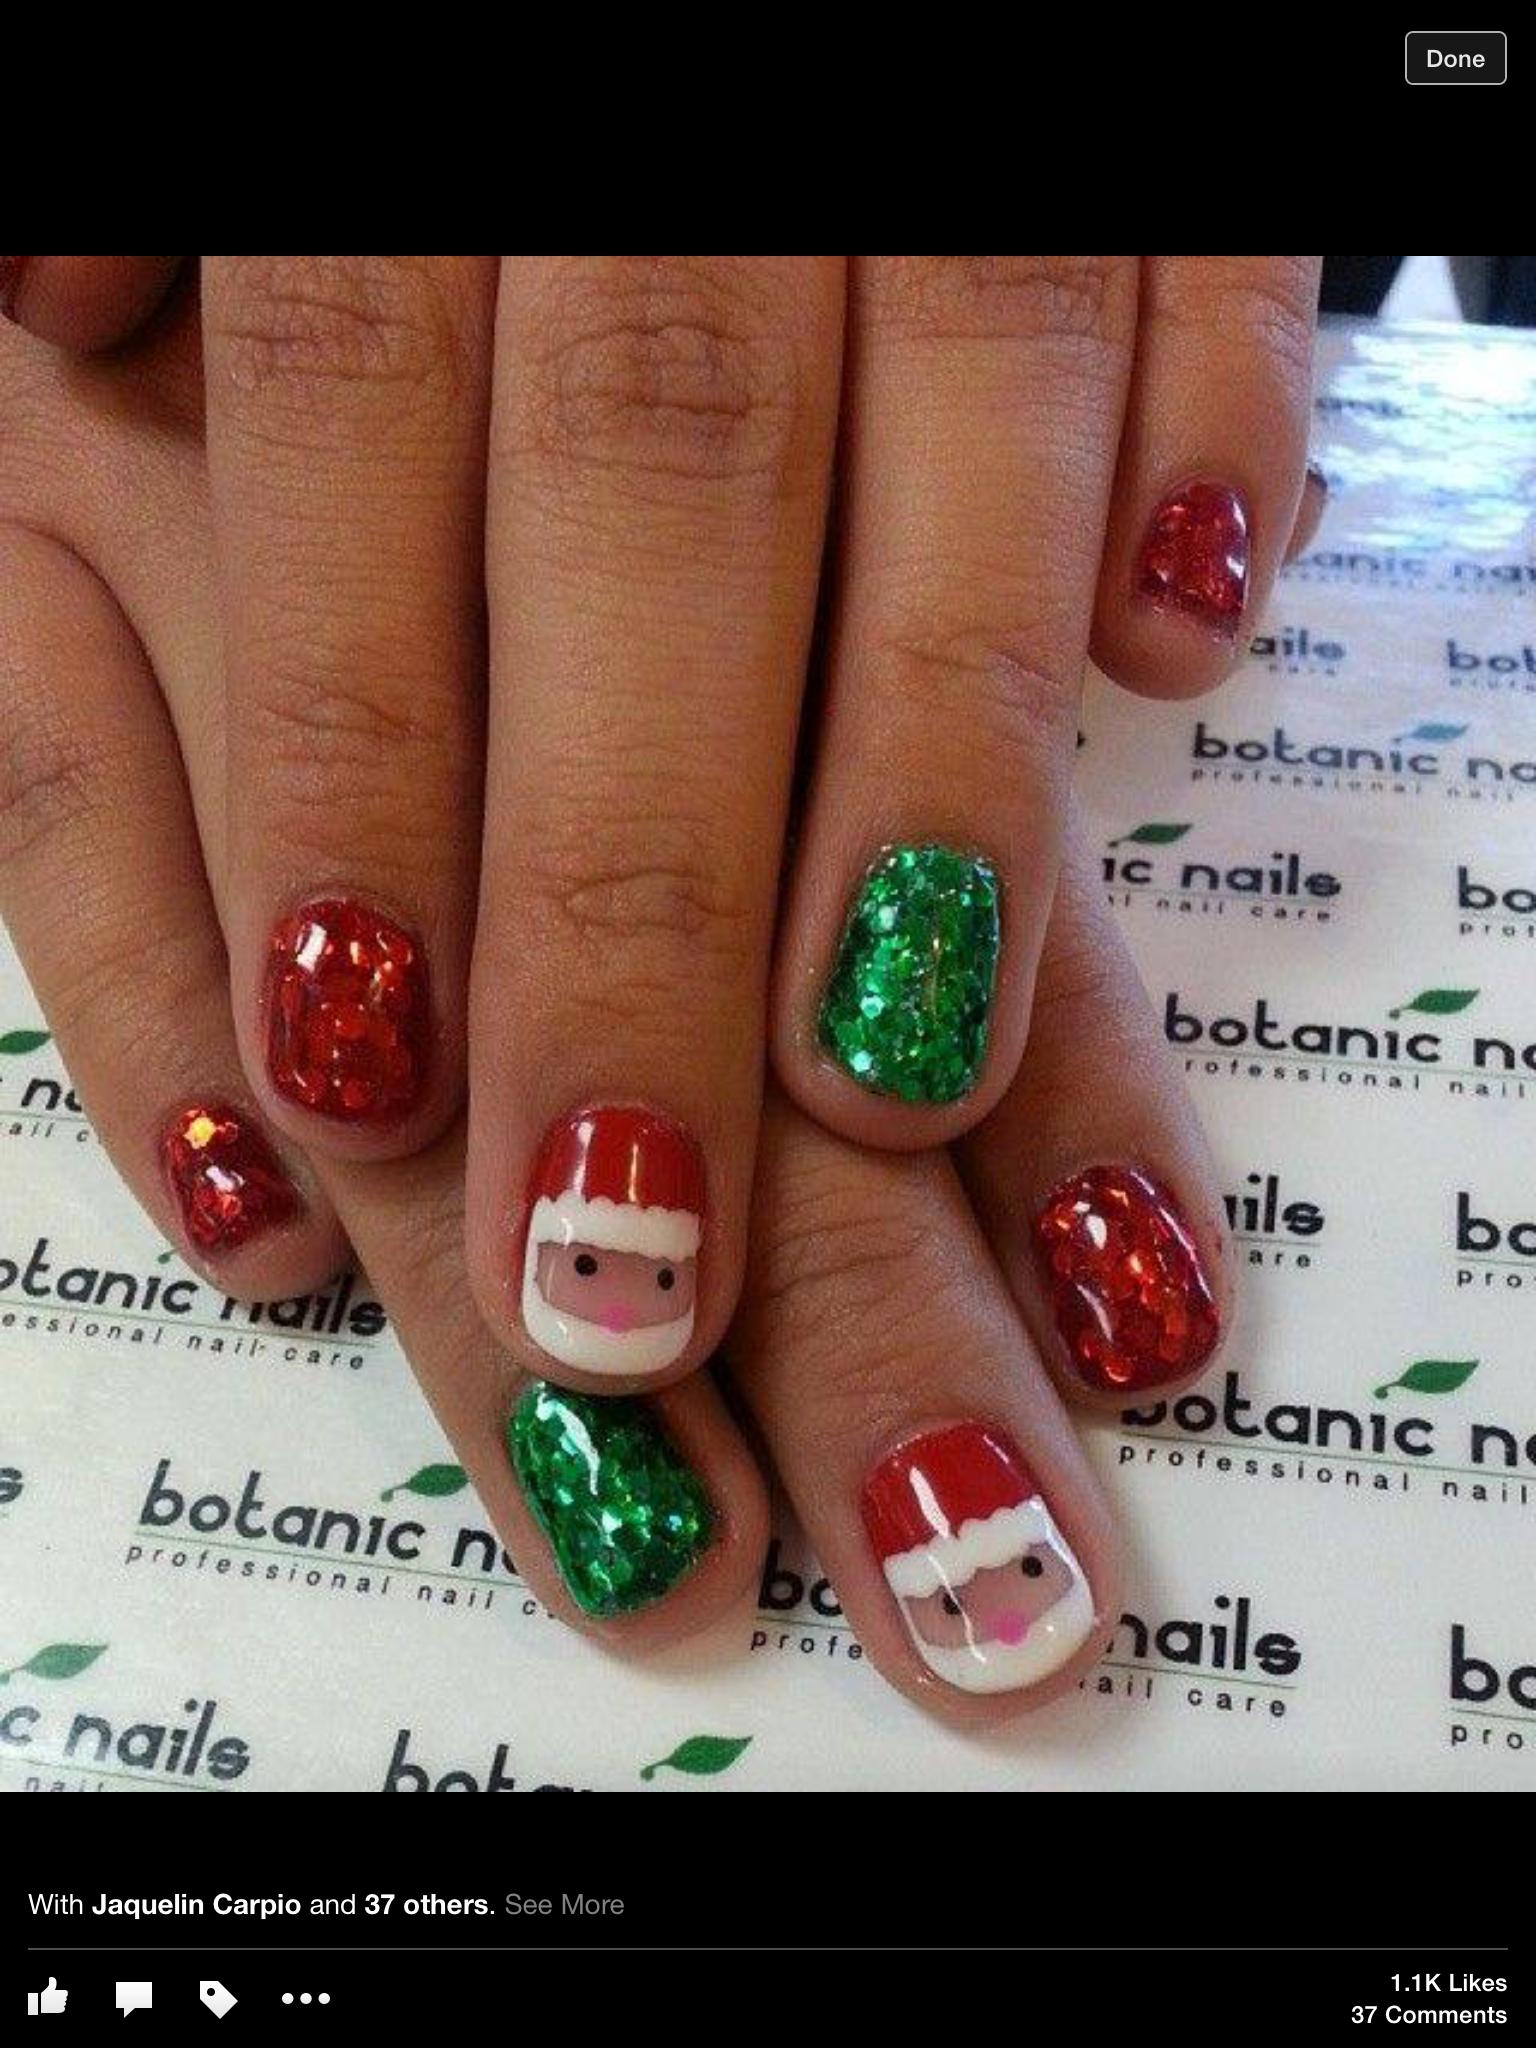 Pin by Elizabeth Walkonis on Nails | Pinterest | Xmas nails, Nail ...